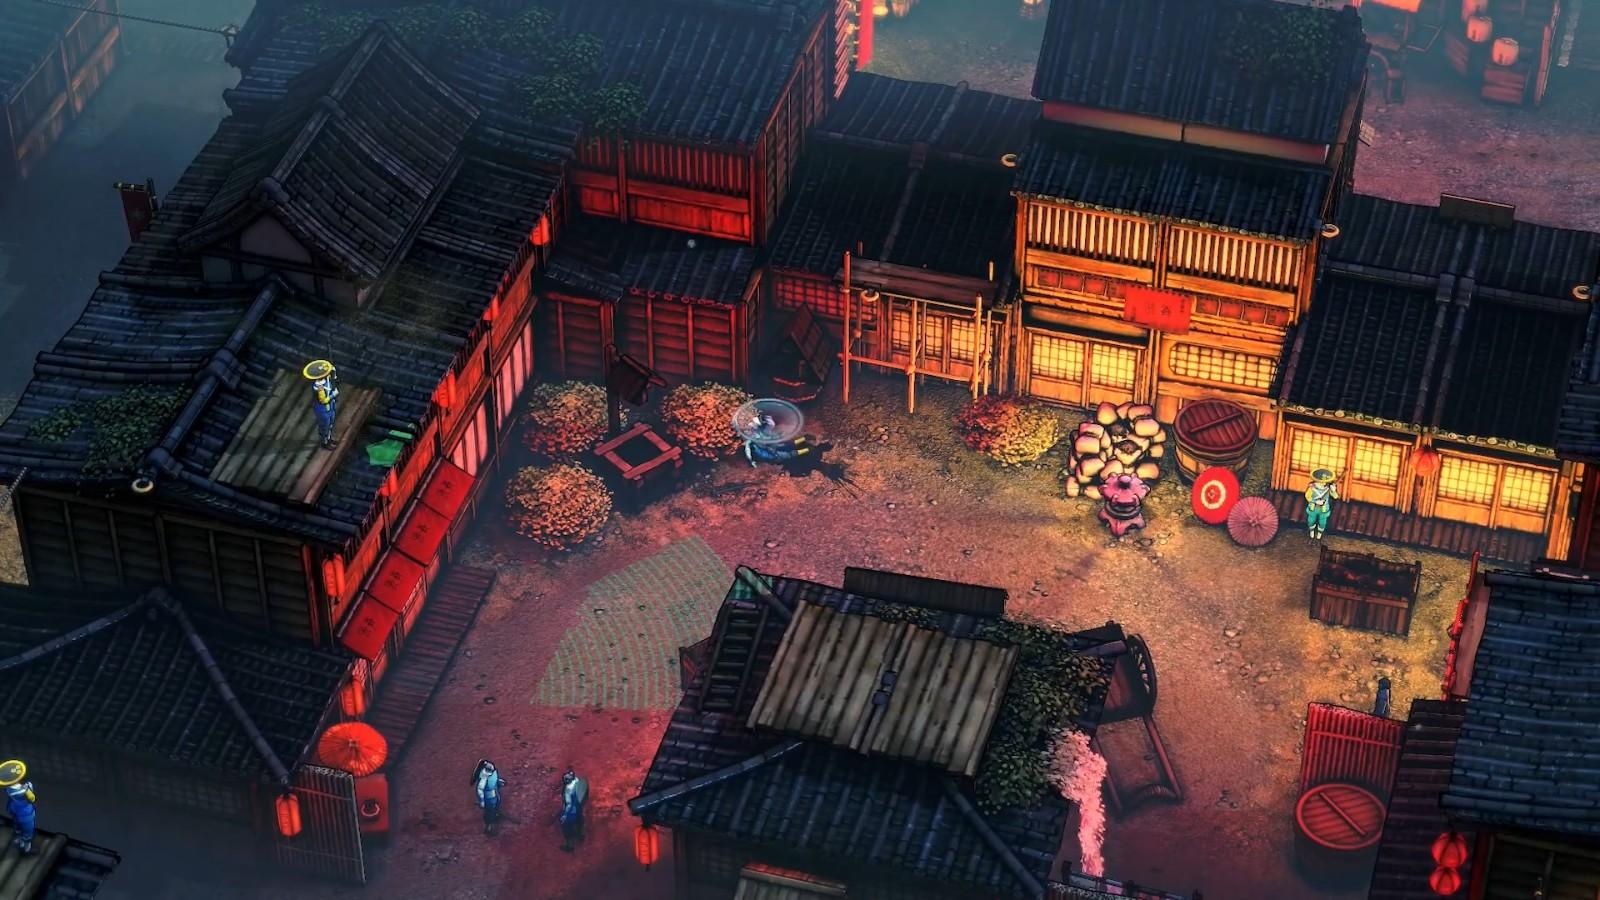 高能电玩节:《影子战术:将军之刃》新DLC宣传片插图15